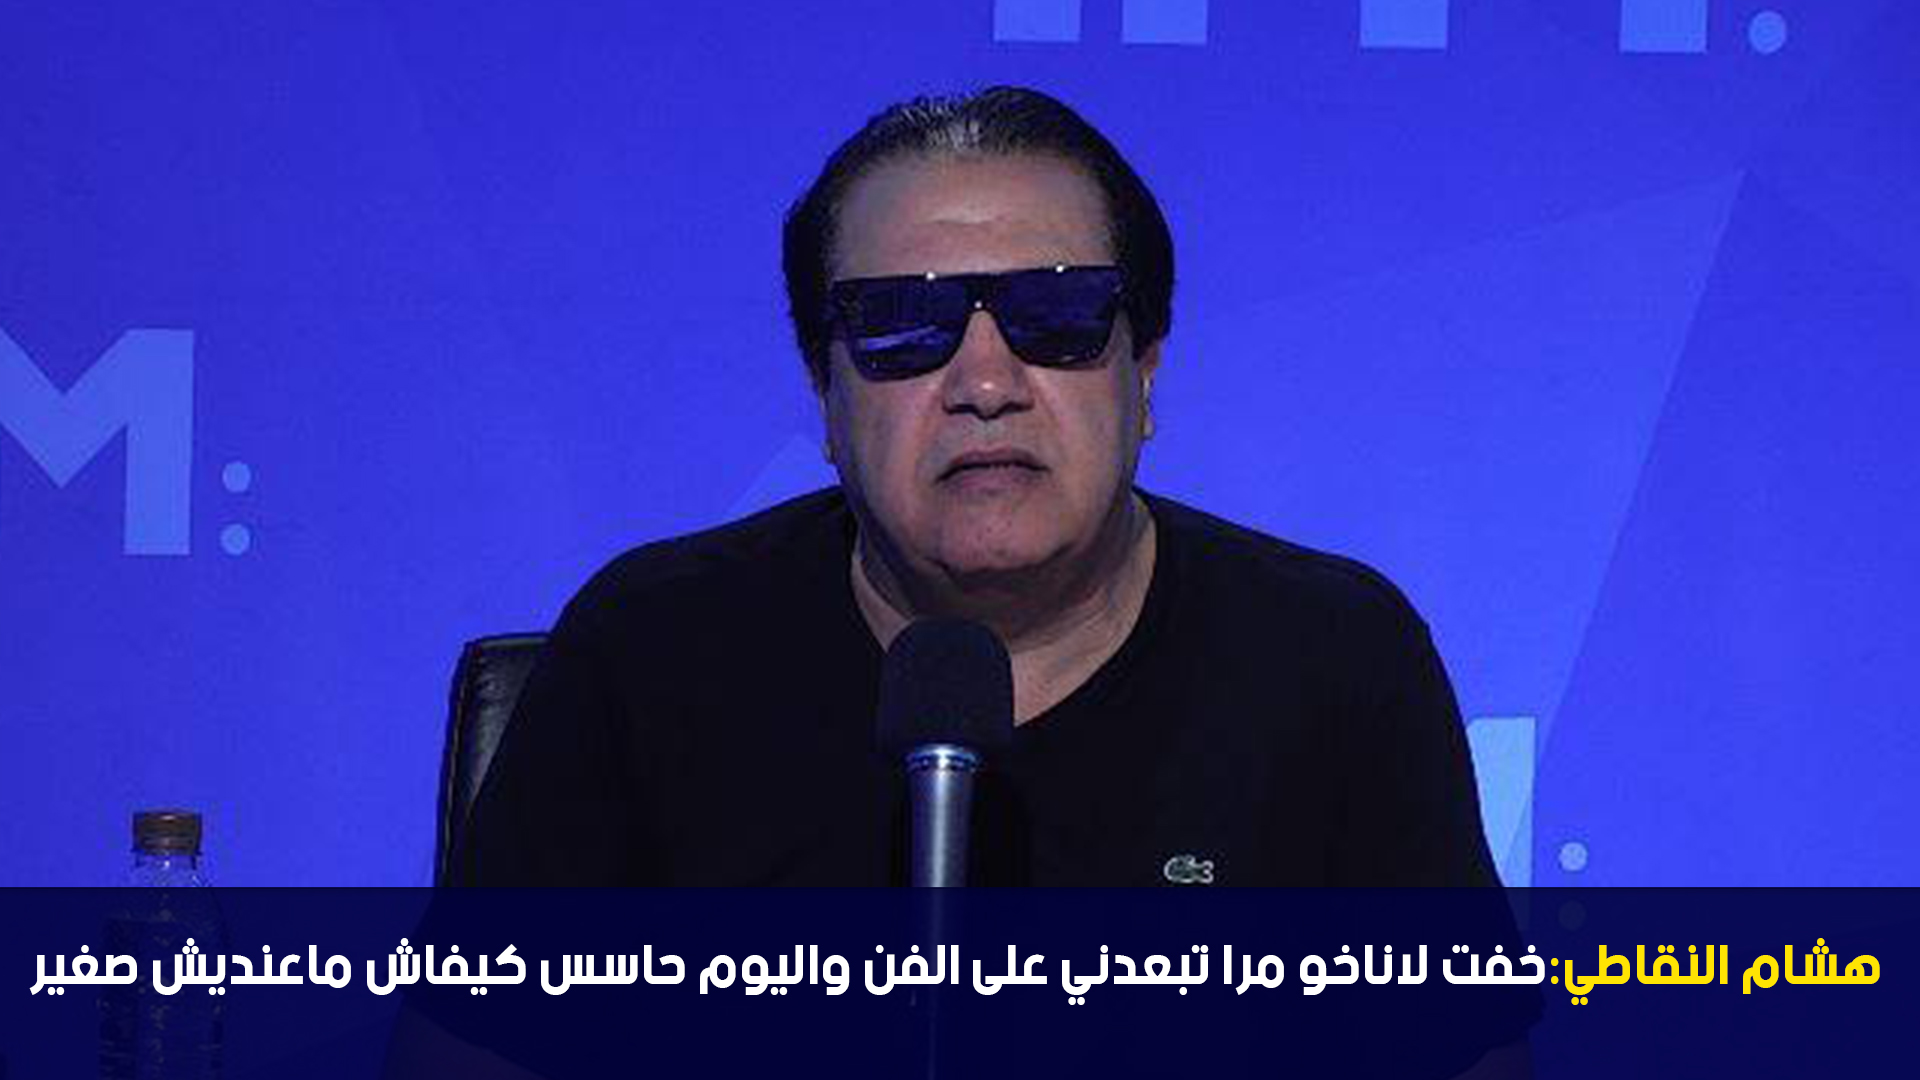 هشام النقاطي:خفت لاناخو مرا تبعدني على الفن واليوم حاسس كيفاش ماعنديش صغير